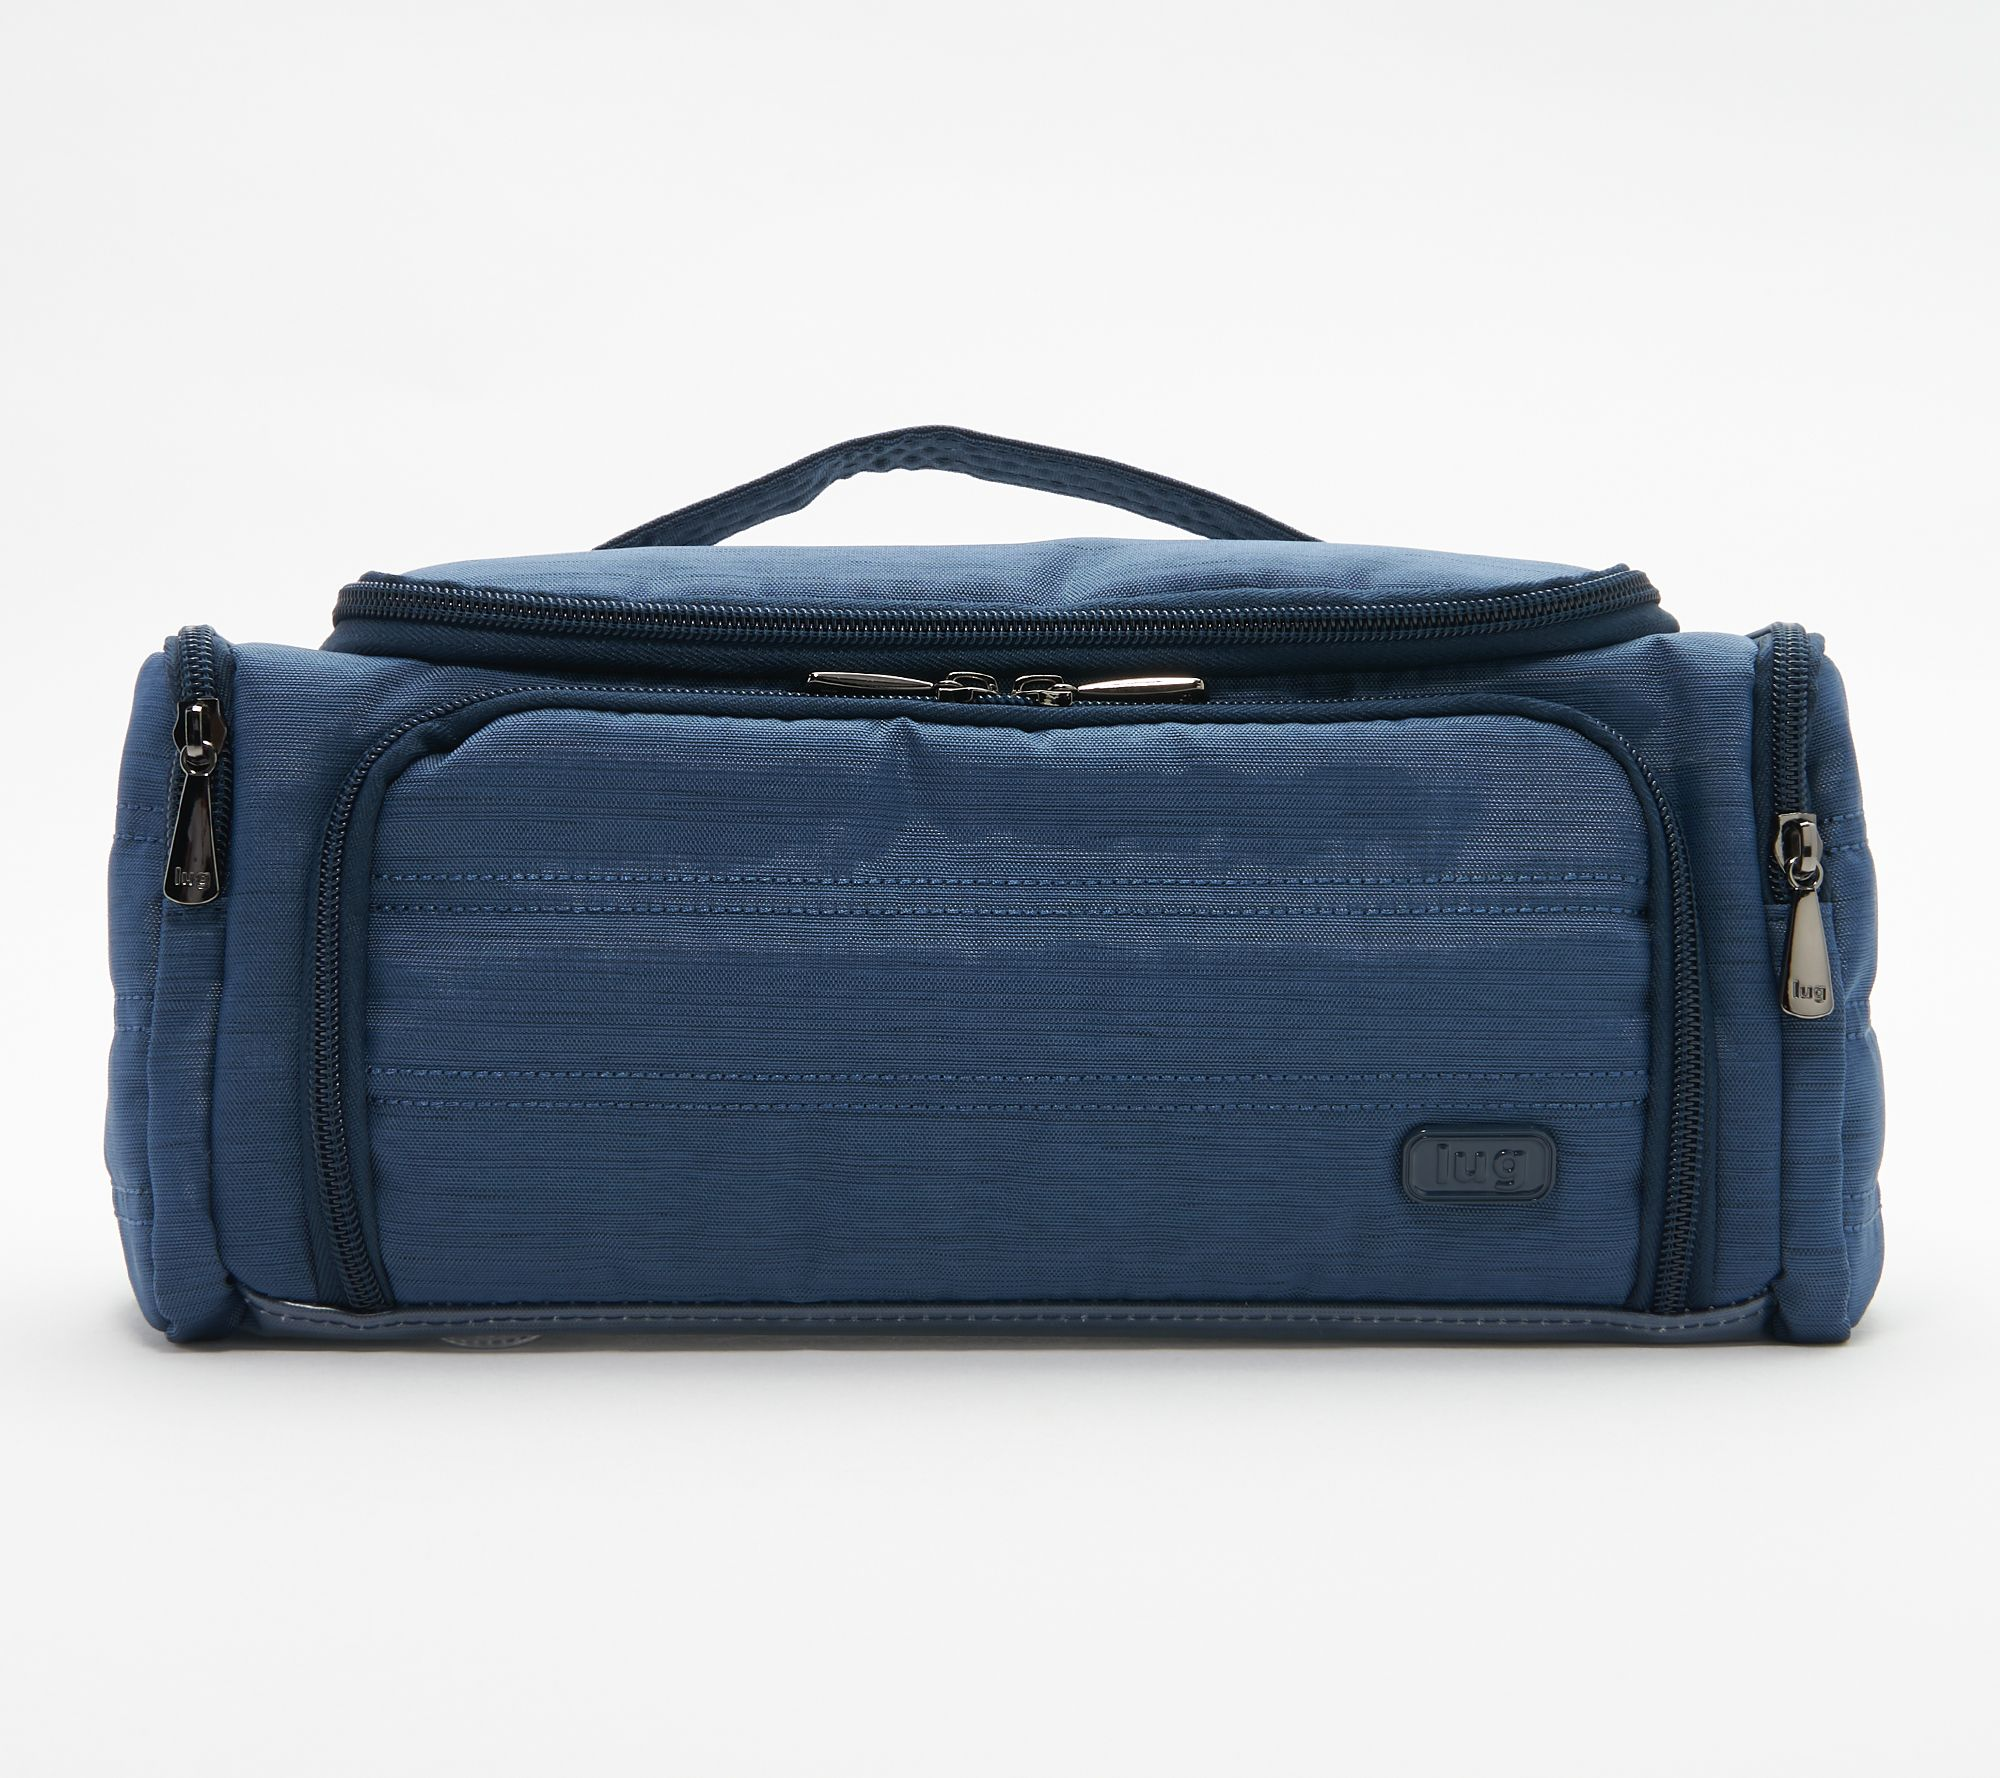 cb097a9c1a33 Lug Cosmetic Case -Trolley — QVC.com